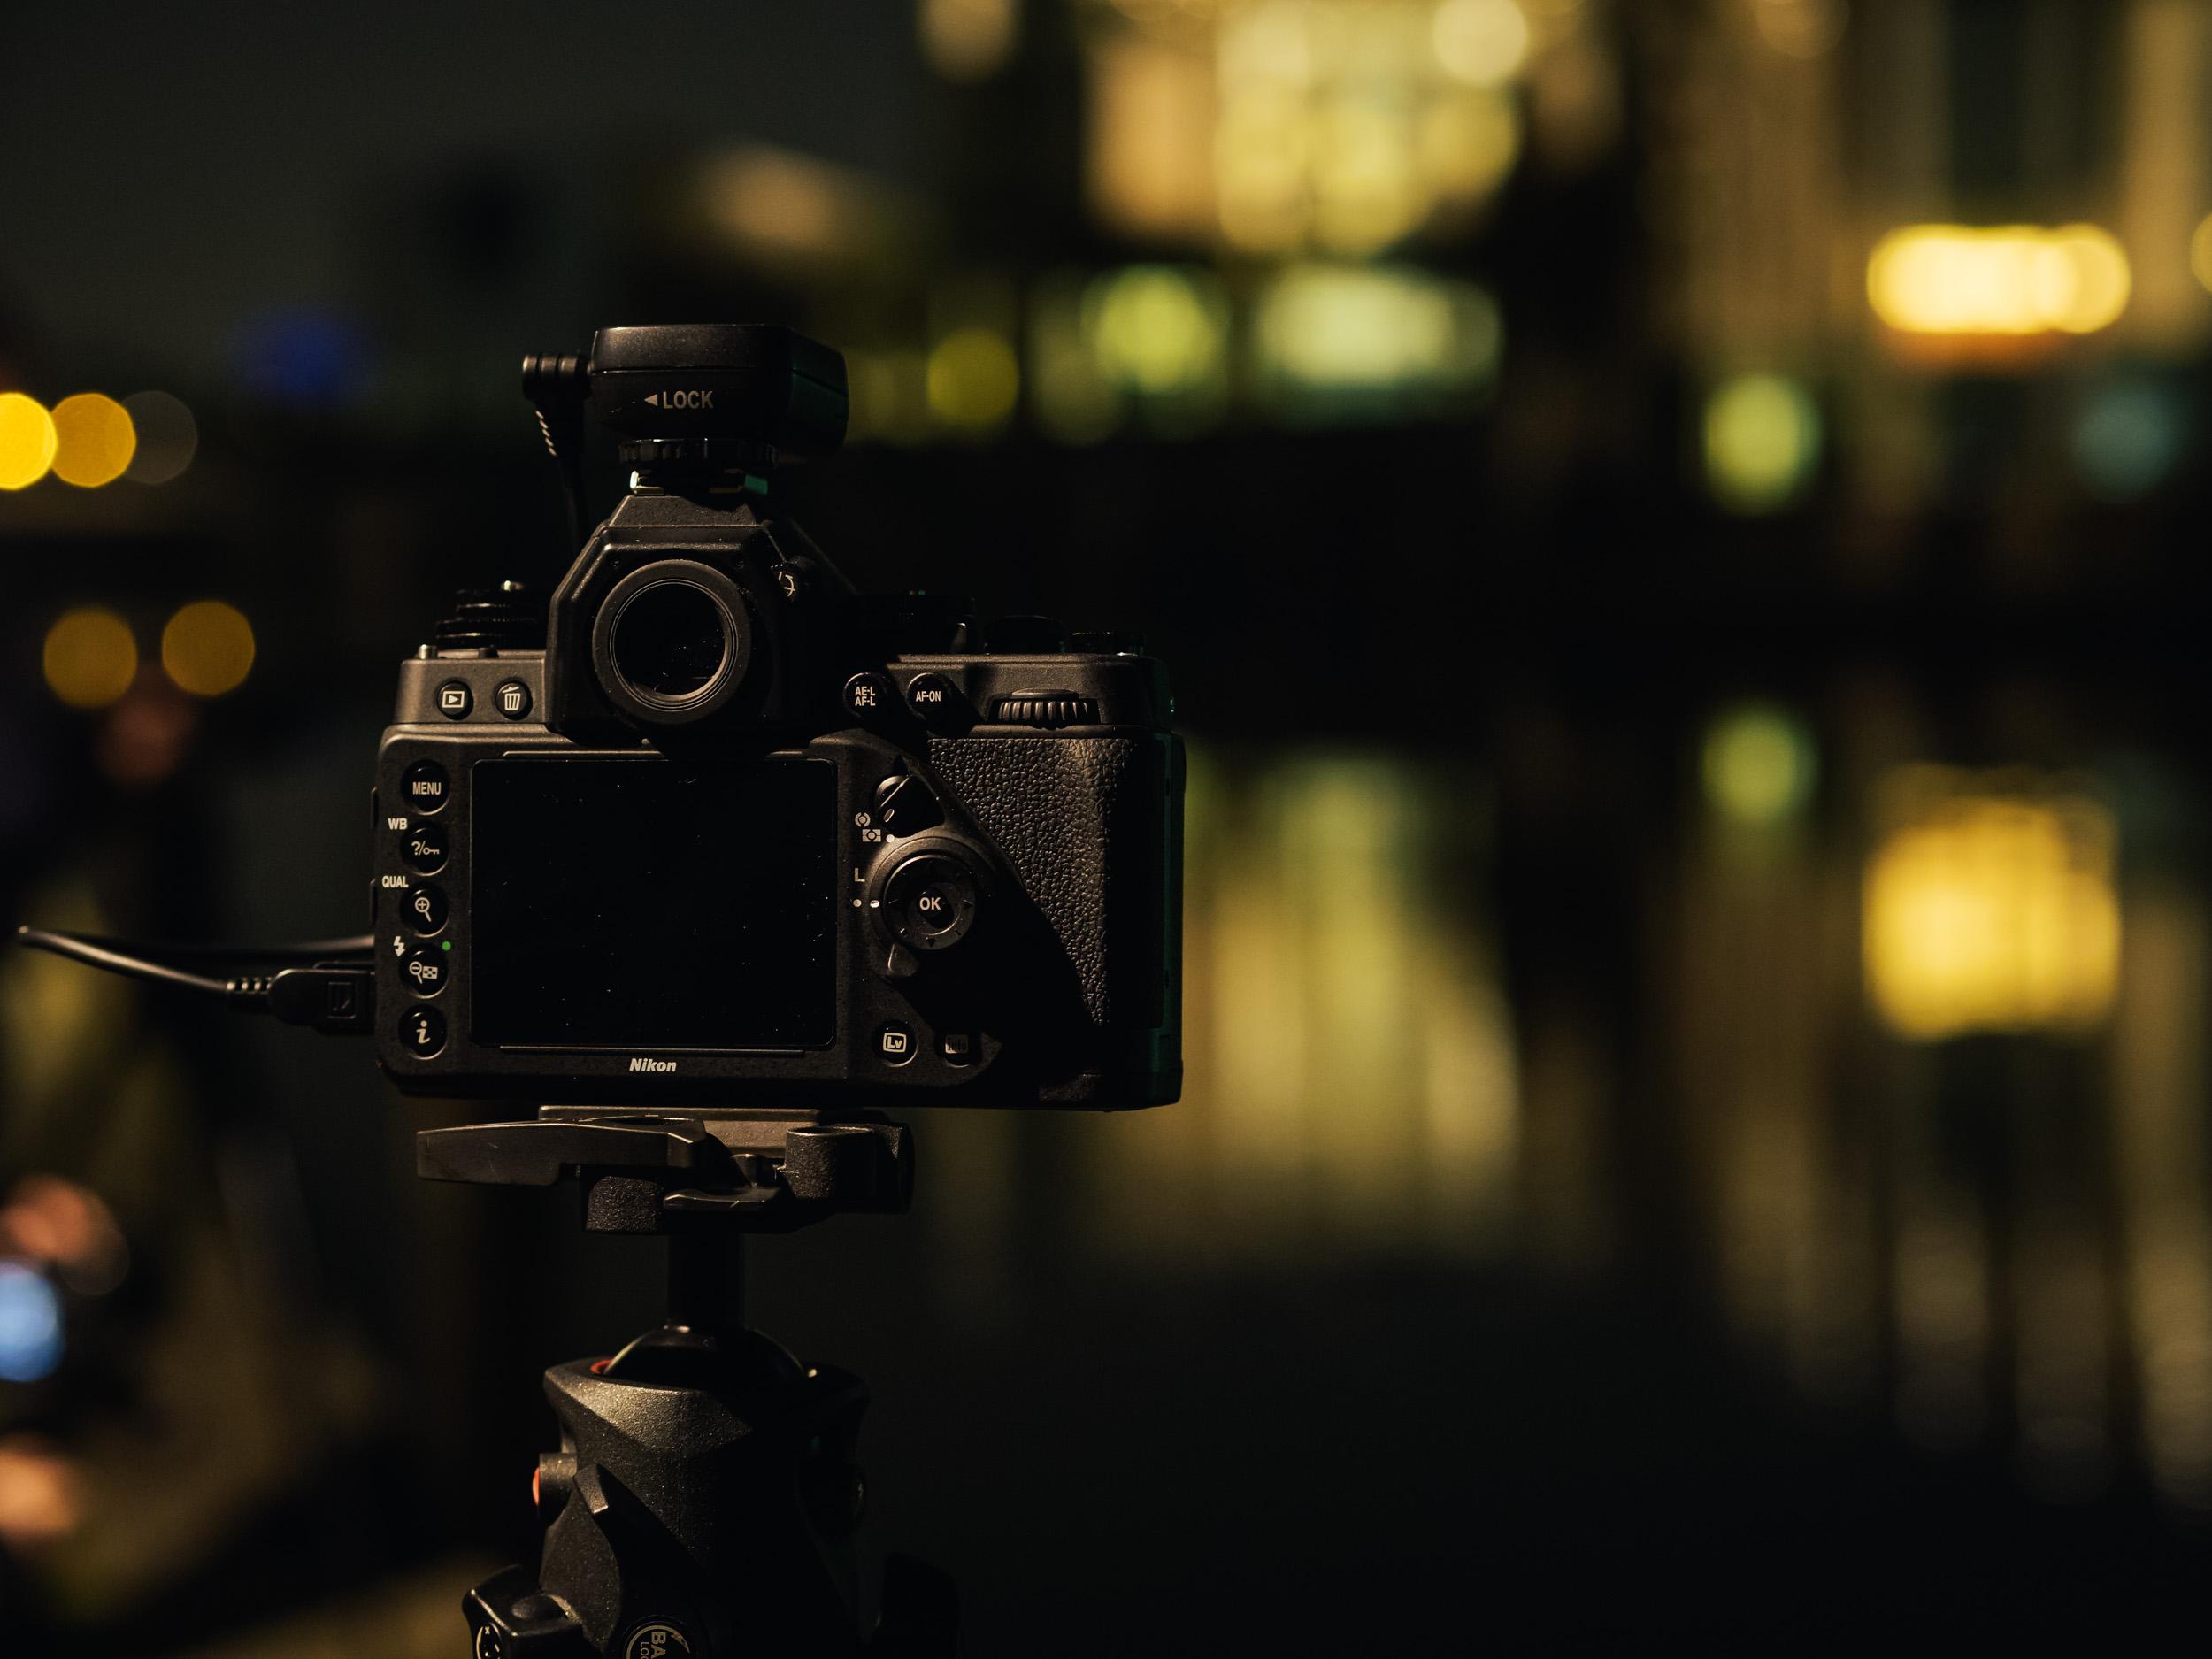 Panasonic Leica Nocticron 425 Mm F 12 Test Neunzehn72 Lumix G Dg 425mm Asph 1 5 Sek Bei 25 Iso 800